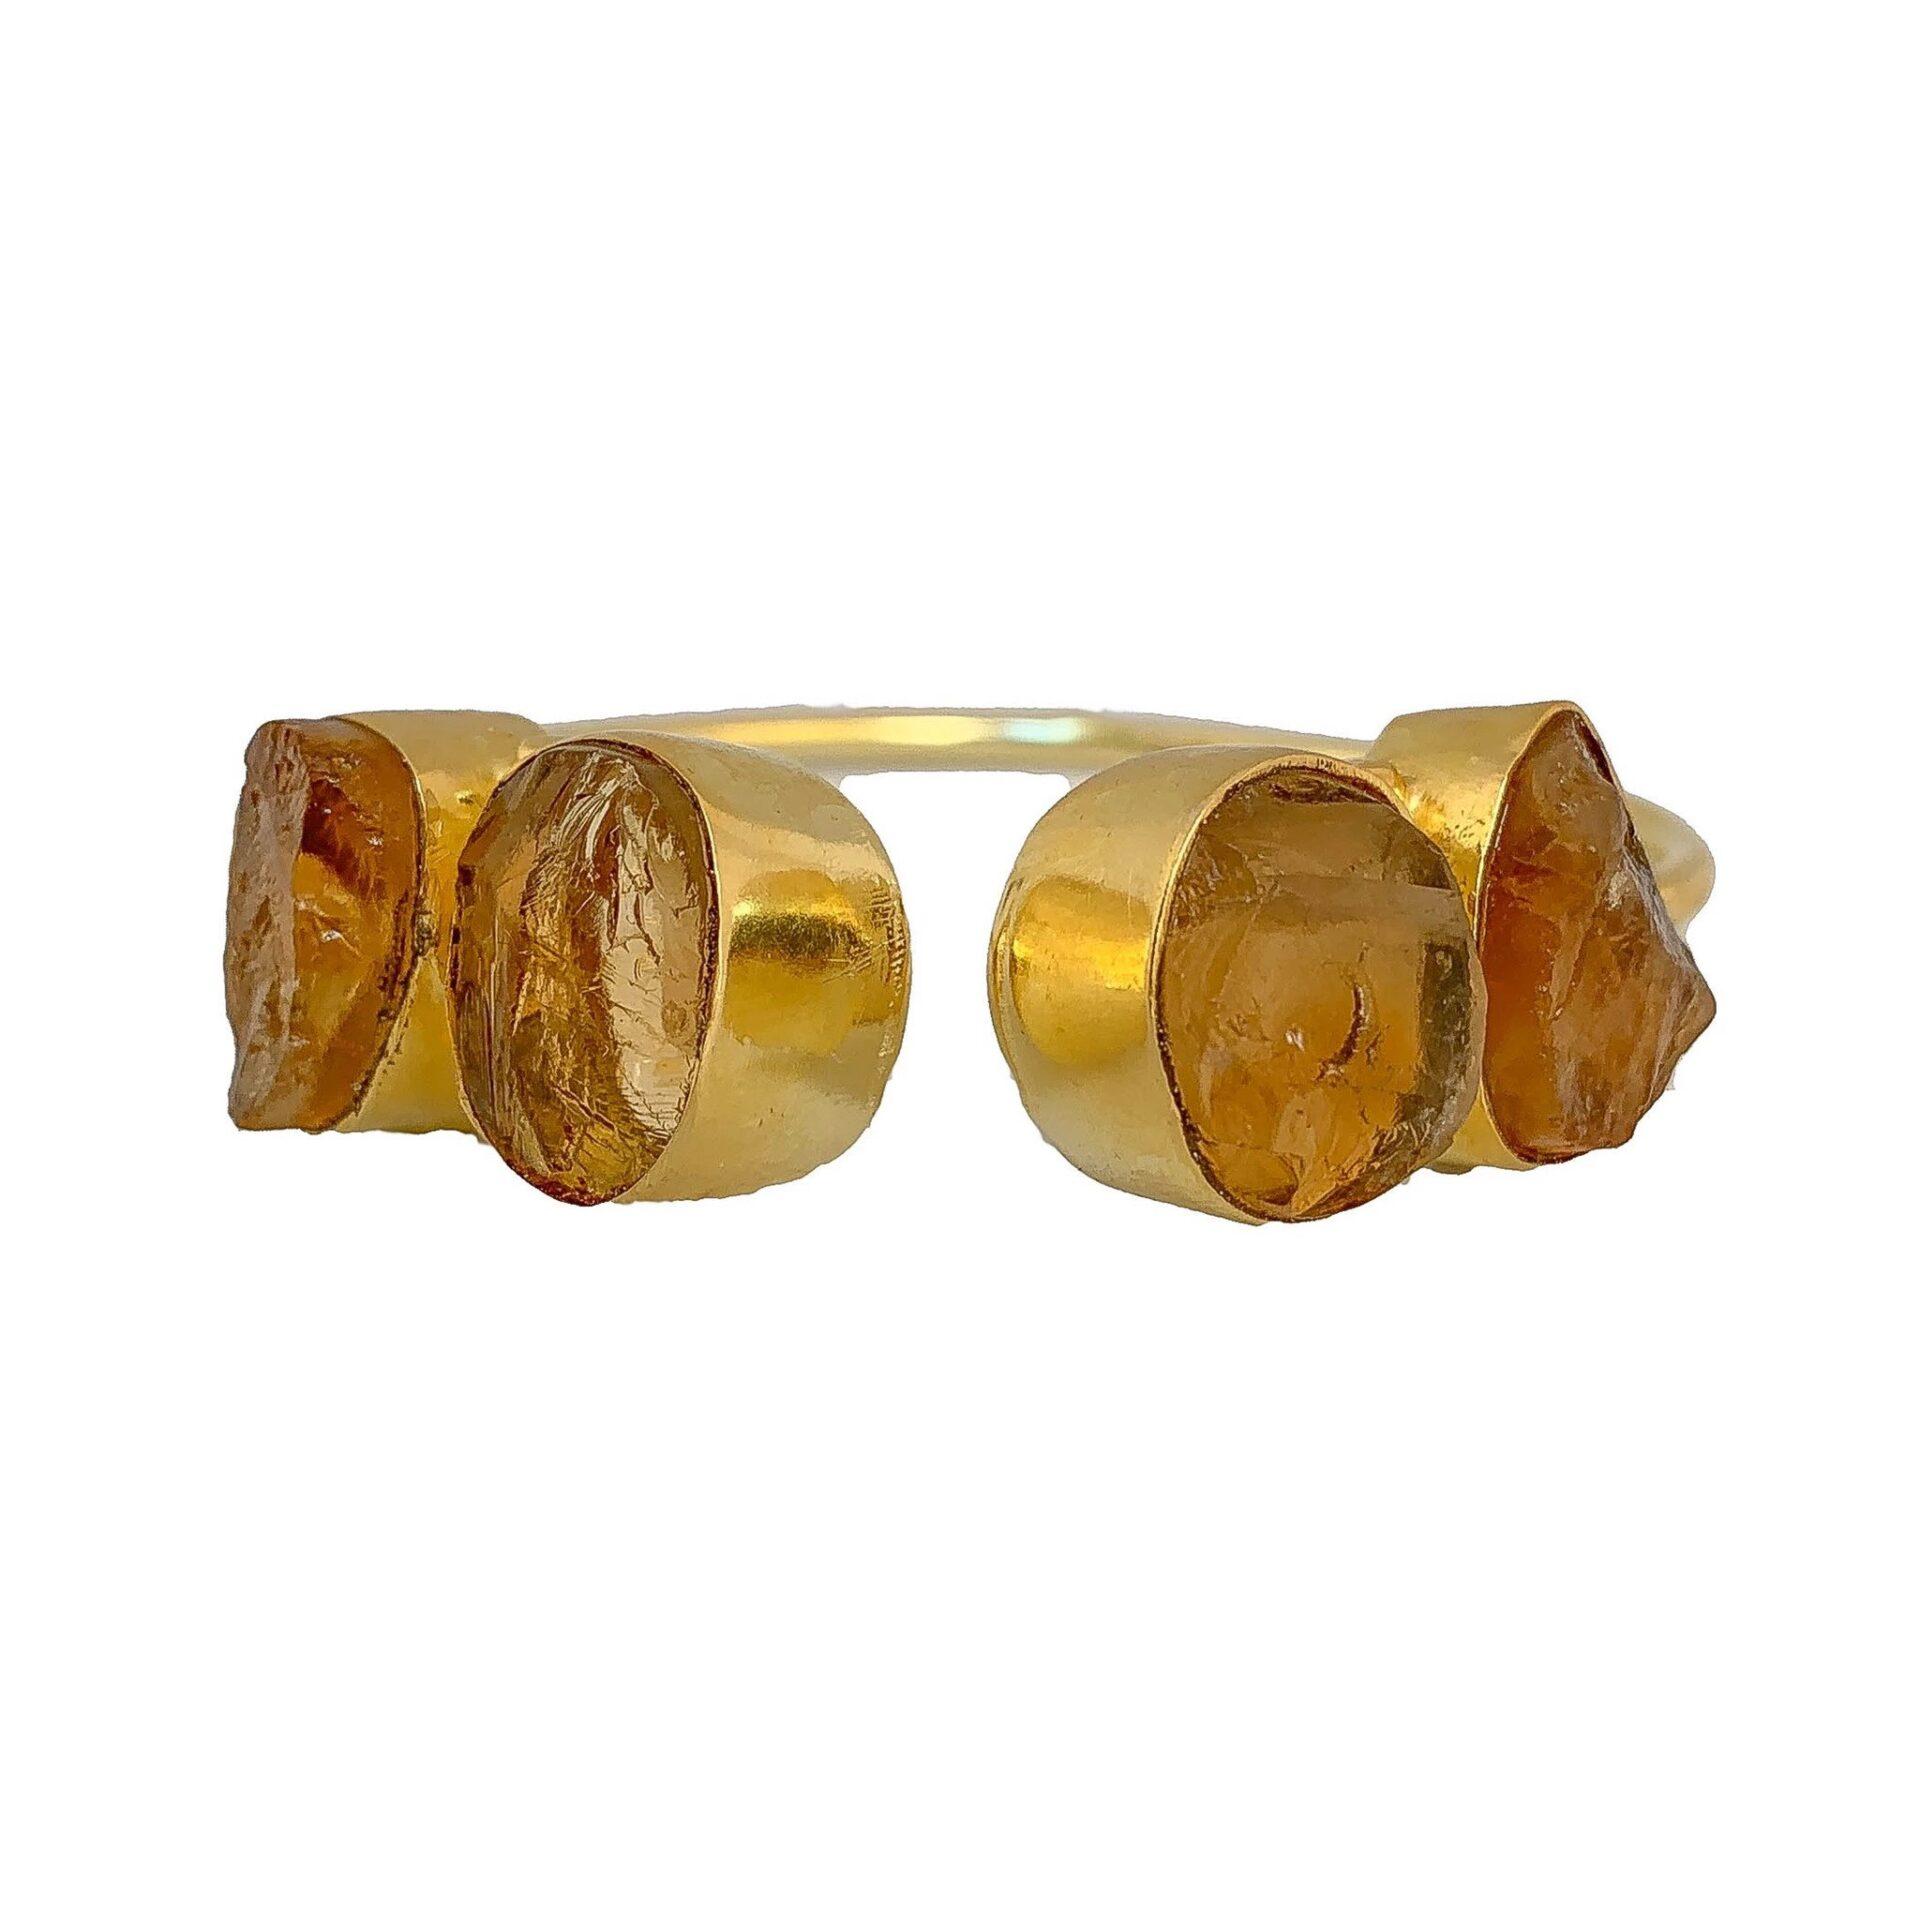 Tanya litkovska Women's Golden Era Bangle Bracelet